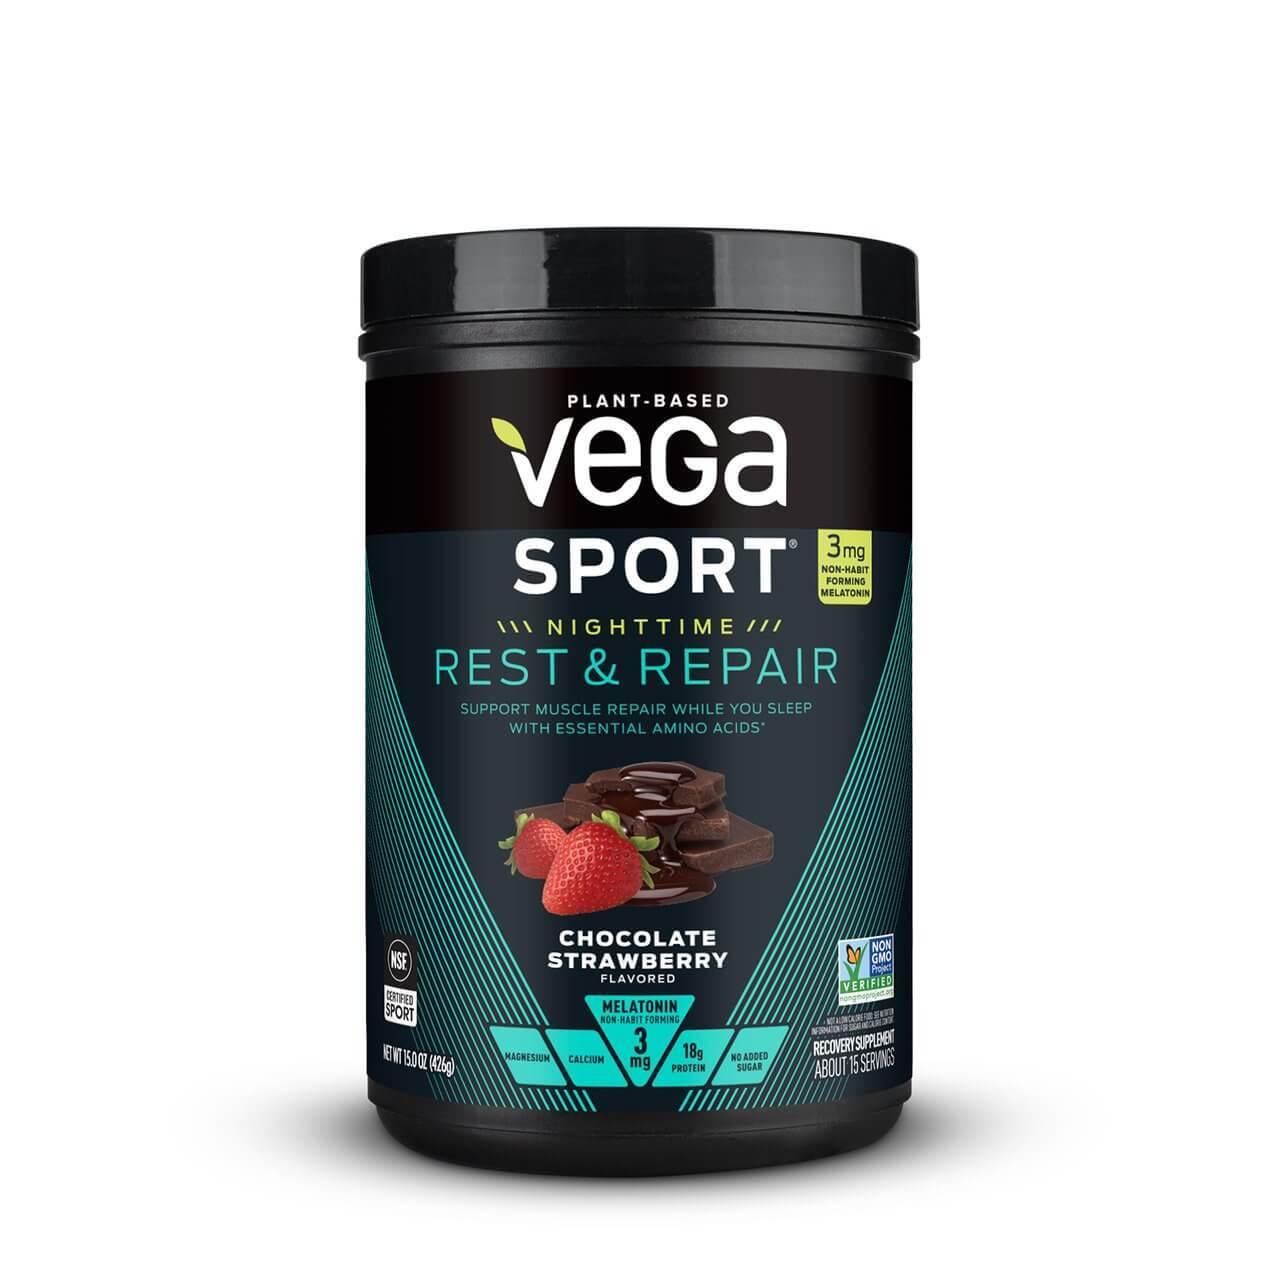 Vega Sport Nighttime Rest And Repair, June 2021